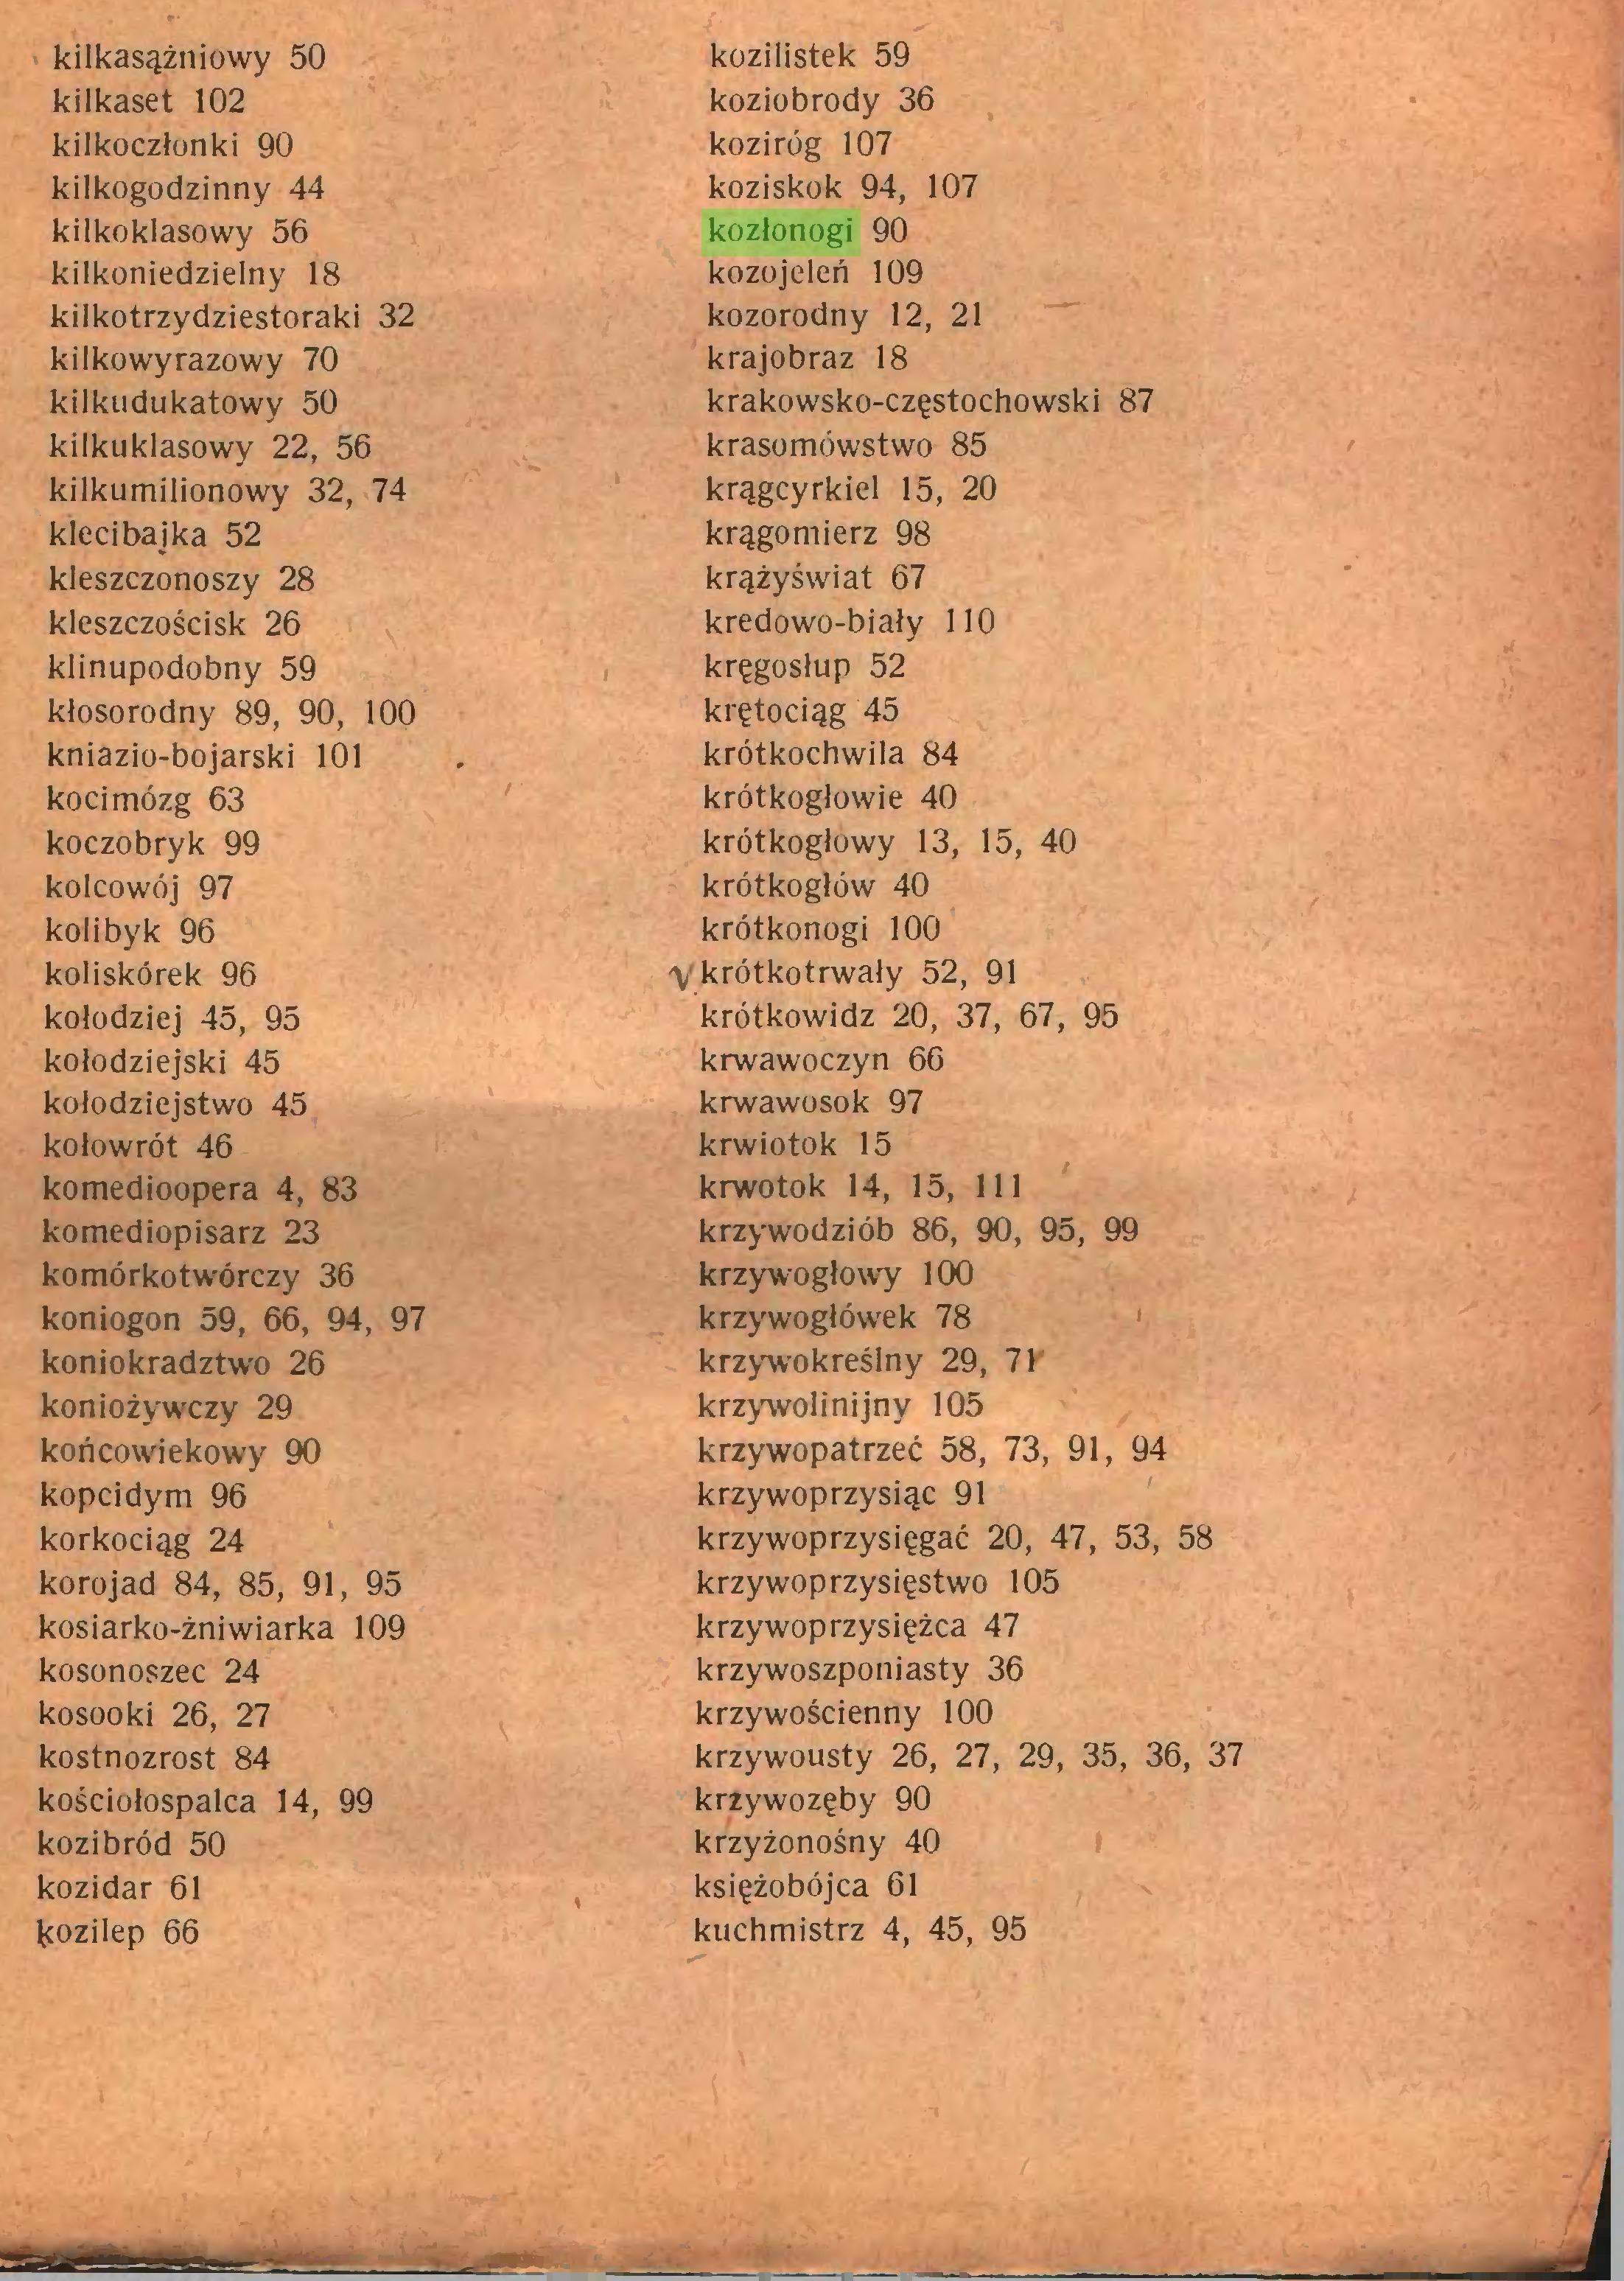 (...) kilkasążniowy 50 kozilistek 59 kilkaset 102 koziobrody 36 kilkoczłonki 90 koziróg 107 kilkogodzinny 44 koziskok 94, 107 kilkoklasowy 56 kozłonogi 90 kilkoniedzielny 18 kozojeleń 109 kilkotrzydziestoraki 32 kozorodny 12, 21 kilkowyrazowy 70 krajobraz 18 kilkudukatowy 50 krakowsko-częstochowski 87 kilkuklasowy 22, 56 krasomówstwo 85 kilkumilionowy 32, 74 krągcyrkiel 15, 20 klecibajka 52 krągomierz 98 kleszczonoszy 28 krążyświat 67 kleszczościsk 26 kredowo-biały 110 klinupodobny 59 kręgosłup 52 kłosorodny 89, 90, 100 krętociąg 45 kniazio-bojarski 101 krótkochwila 84 koci mózg 63 krótkogłowie 40 koczobryk 99 krótkogłowy 13, 15, 40 kolcowój 97 krótkogłów 40 kolibyk 96 krótkonogi 100 koliskórek 96 'V krótkotrwały 52, 91 kołodziej 45, 95 krótkowidz 20, 37, 67, 95 kołodziejski 45 krwawoczyn 66 kołodziejstwo 45 krwawosok 97 kołowrót 46 krwiotok 15 komedioopera 4, 83 krwotok 14, 15, 111 komediopisarz 23 krzywodziób 86, 90, 95, 99 komórkotwórczy 36 krzywogłowy 100 koniogon 59, 66, 94, 97 krzywogłówek 78 koniokradztwo 26 krzywokreślny 29, 71 koniożywczy 29 krzywolinijny 105 końcowiekowy 90 krzywopatrzeć 58, 73, 91, 94 kopcidym 96 krzywoprzysiąc 91 korkociąg 24 krzywoprzysięgać 20, 47, 53, 58 korojad 84, 85, 91, 95 krzywoprzysięstwo 105 kosiarko-żniwiarka 109 krzywoprzysiężca 47 kosonoszec 24 krzywoszponiasty 36 kosooki 26, 27 krzywościenny 100 kostnozrost 84 krzywousty 26, 27, 29, 35, 36, 37 kościołospalca 14, 99 krzywozęby 90 kozi bród 50 krzyżonośny 40 kozidar 61 księżobójca 61 kozilep 66 kuchmistrz 4, 45, 95 J...